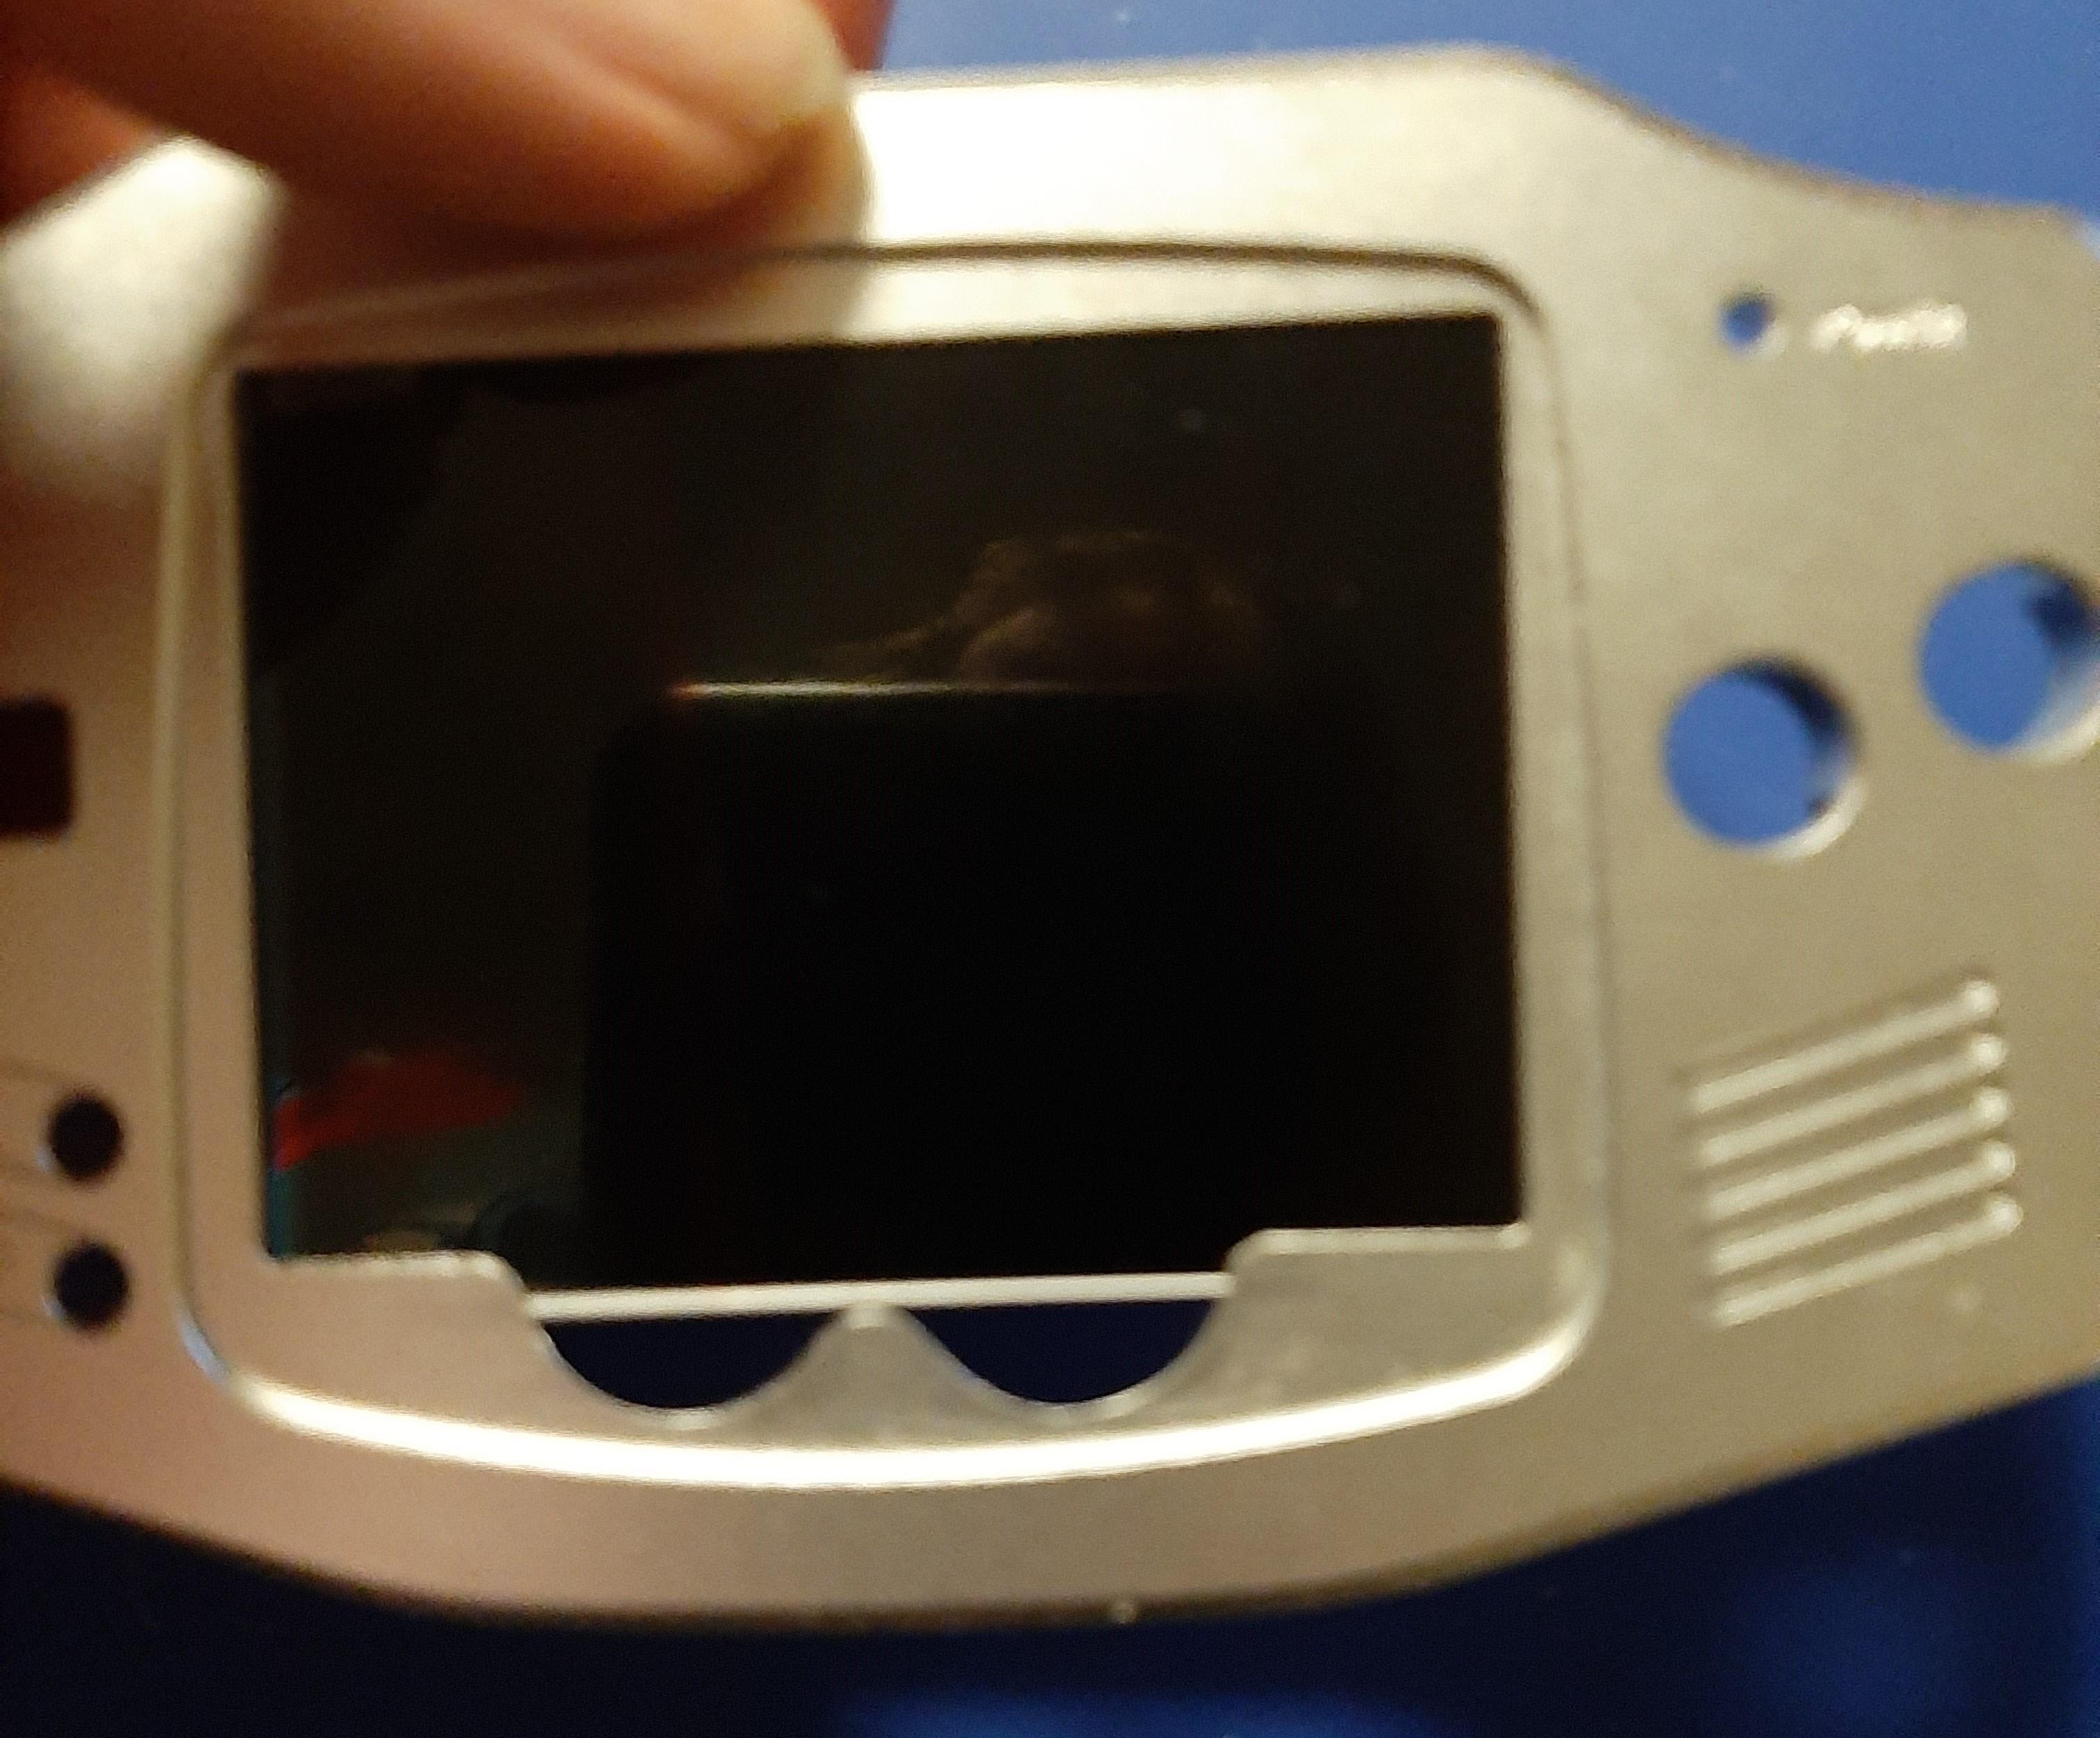 mr hookers gba boxypixle toutch pad ips shell mod 2 .jpg